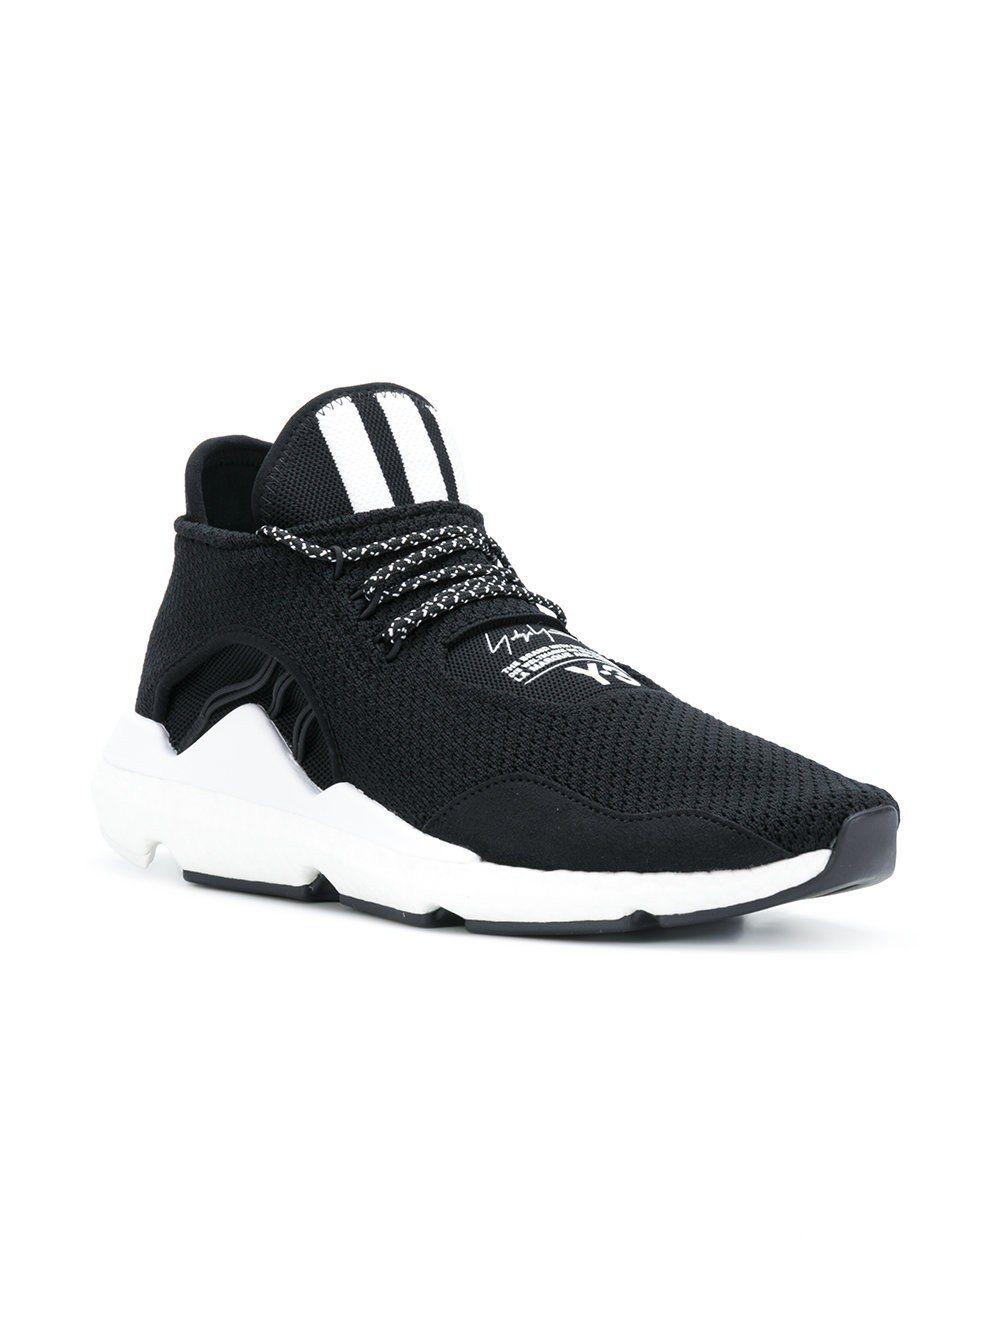 White Saikou sneakers Yohji Yamamoto Eap2VL5Gn